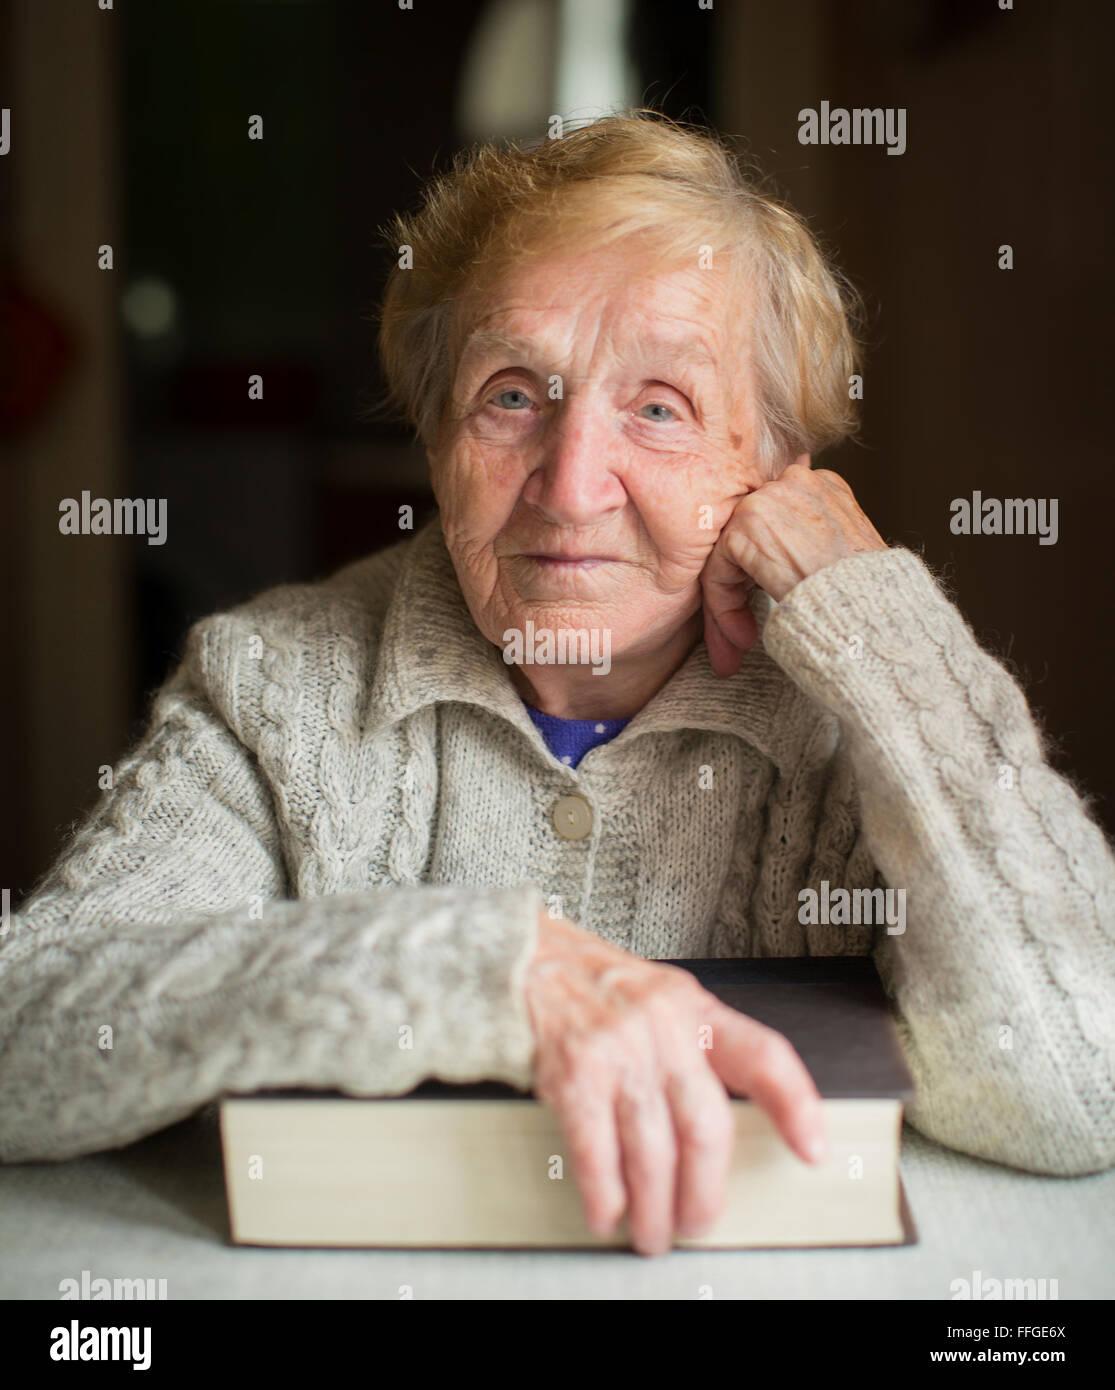 Ritratto di donna anziana seduta con libro. Immagini Stock